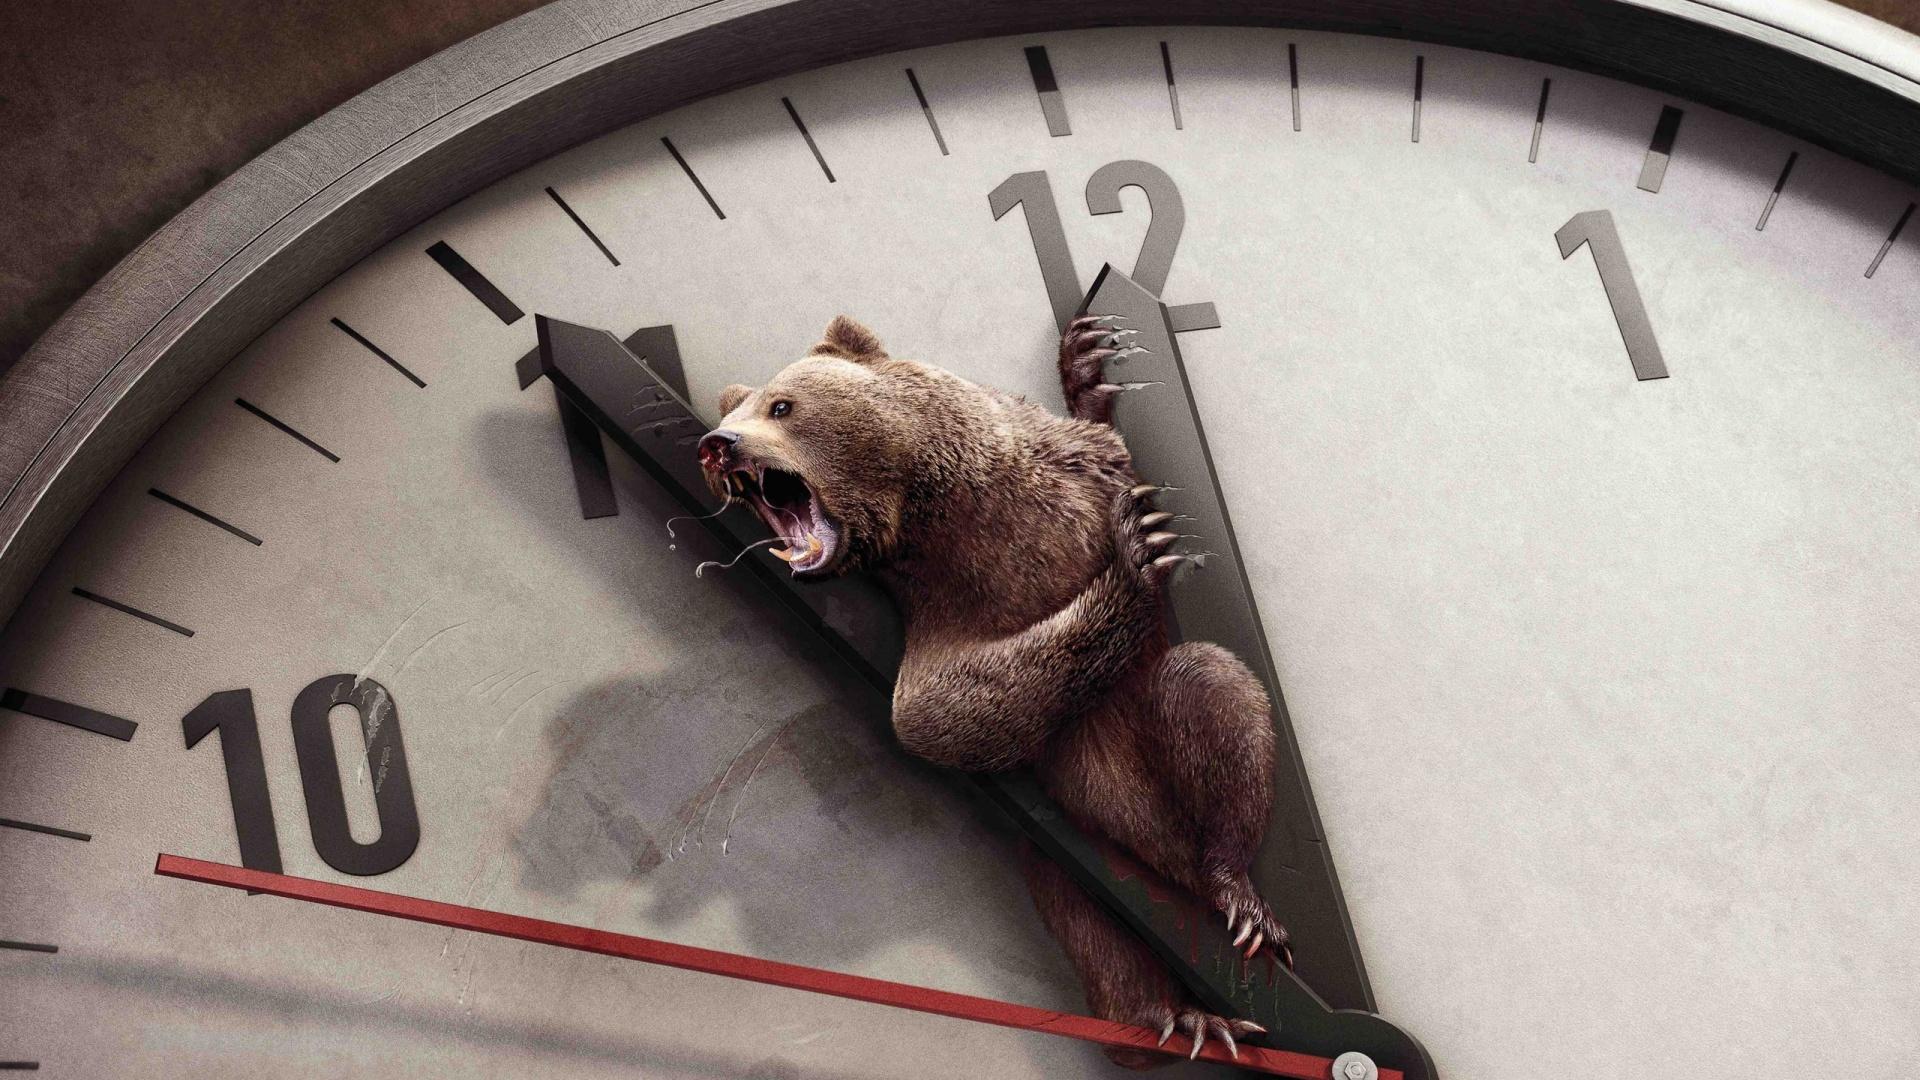 http://3.bp.blogspot.com/-6G9DaKZ_Btc/UJOKpSuKdkI/AAAAAAAANXs/MCamSZ11sZ4/s0/bear-and-clock-1920x1080.jpg